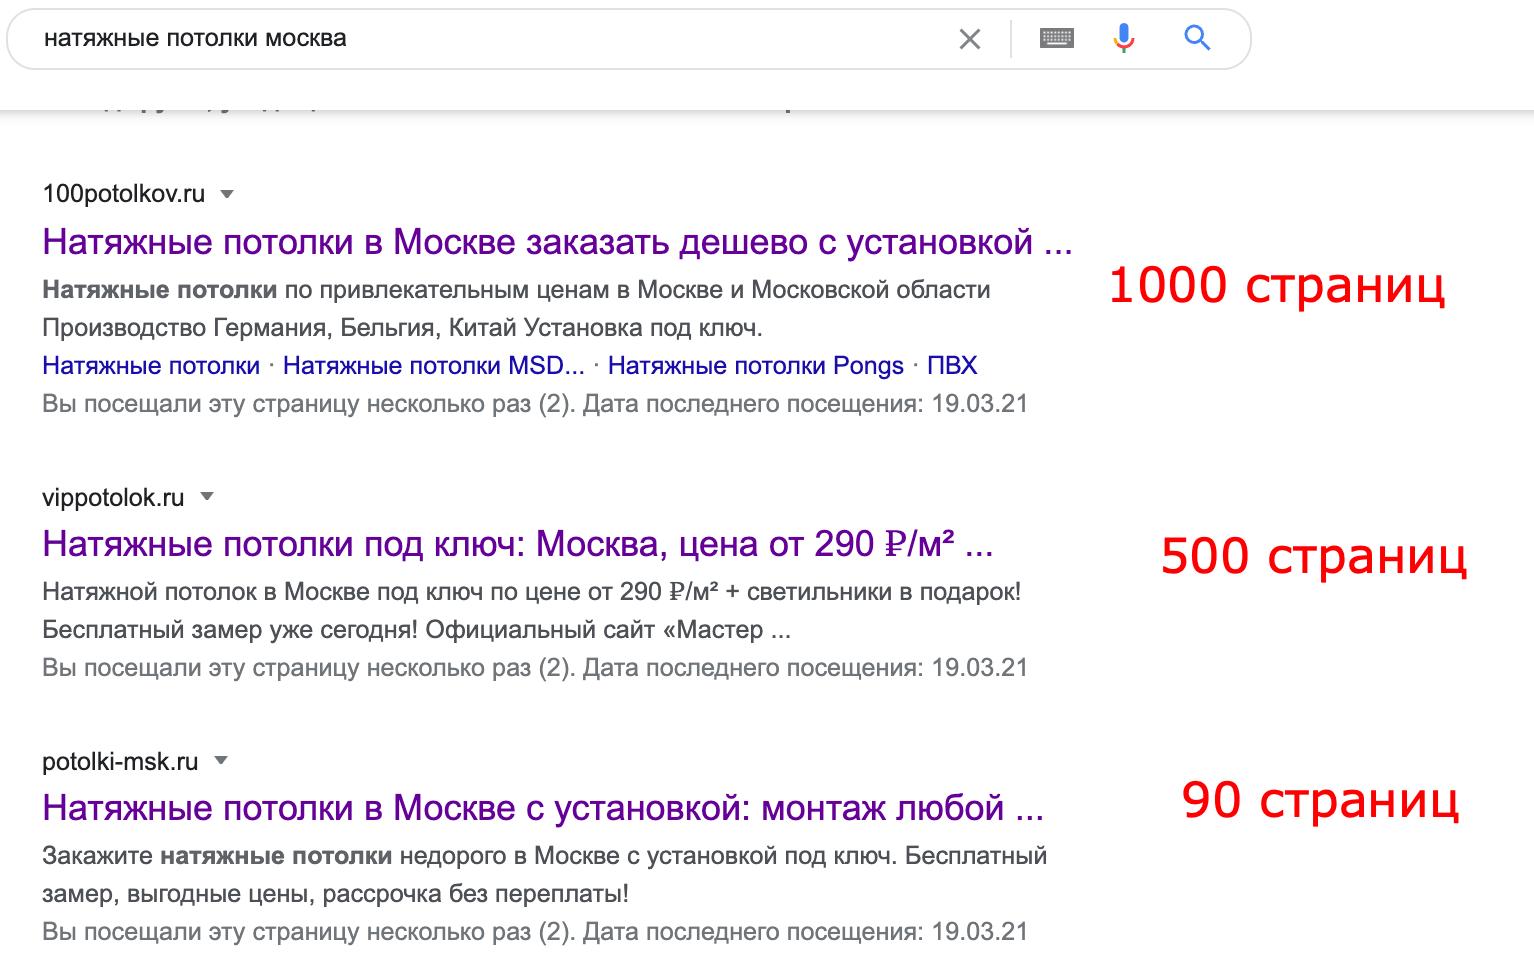 Количество страниц в индексе у 3 сайтов в топ-10 по запросу натяжные потолки москва